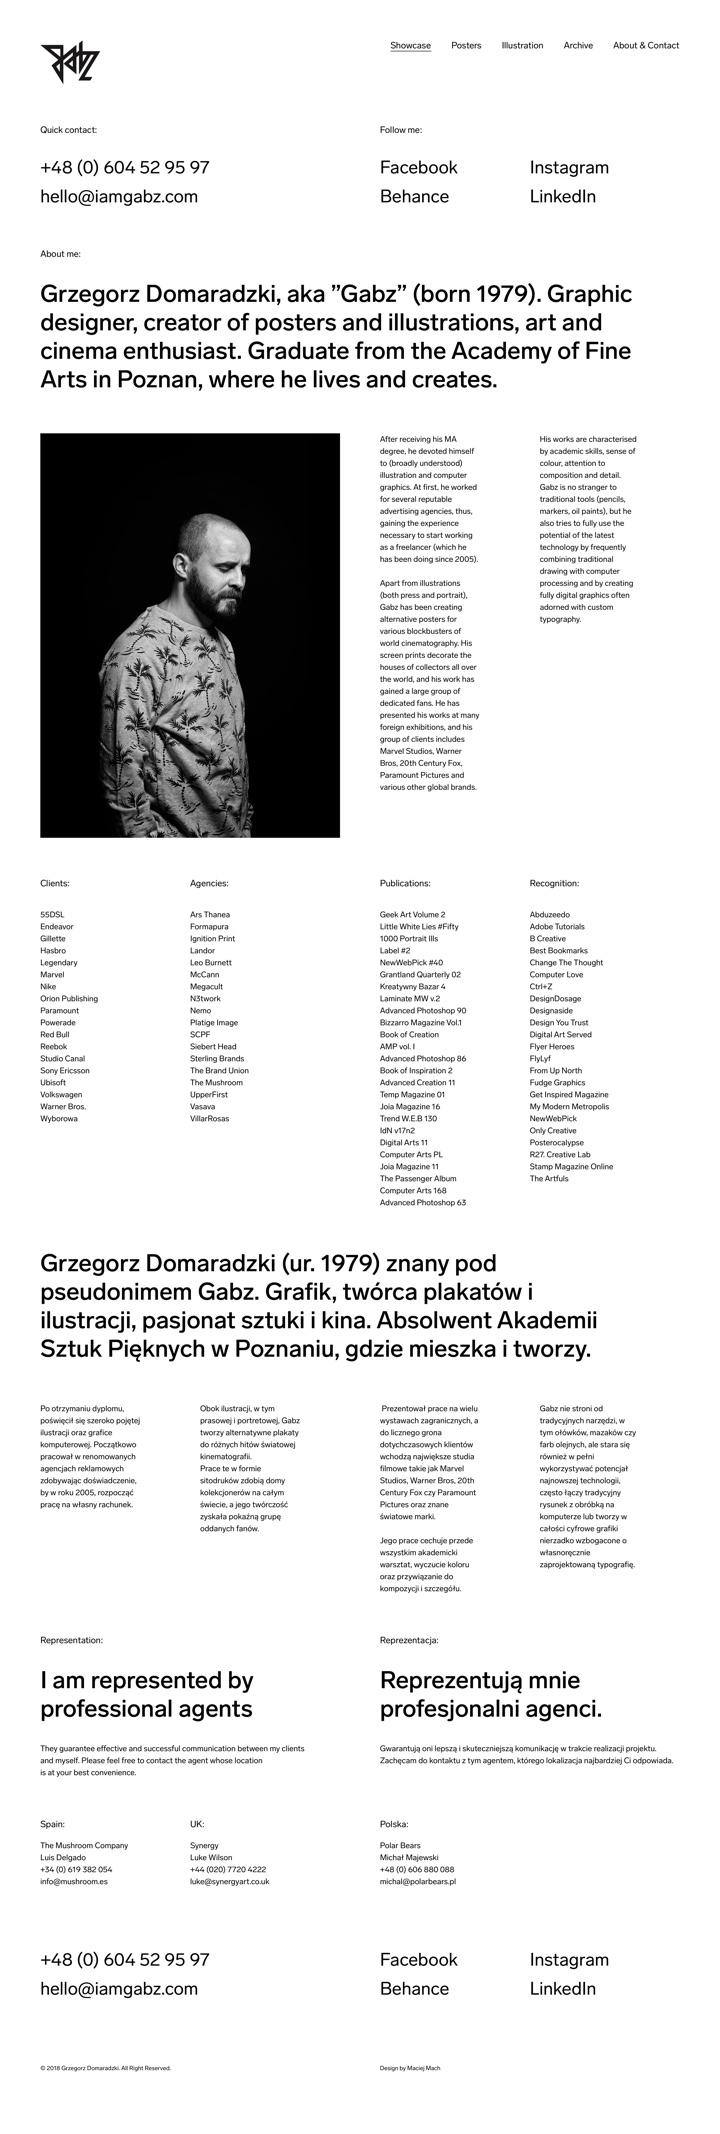 Grzegorz Domaradzki About page by Maciej Mach